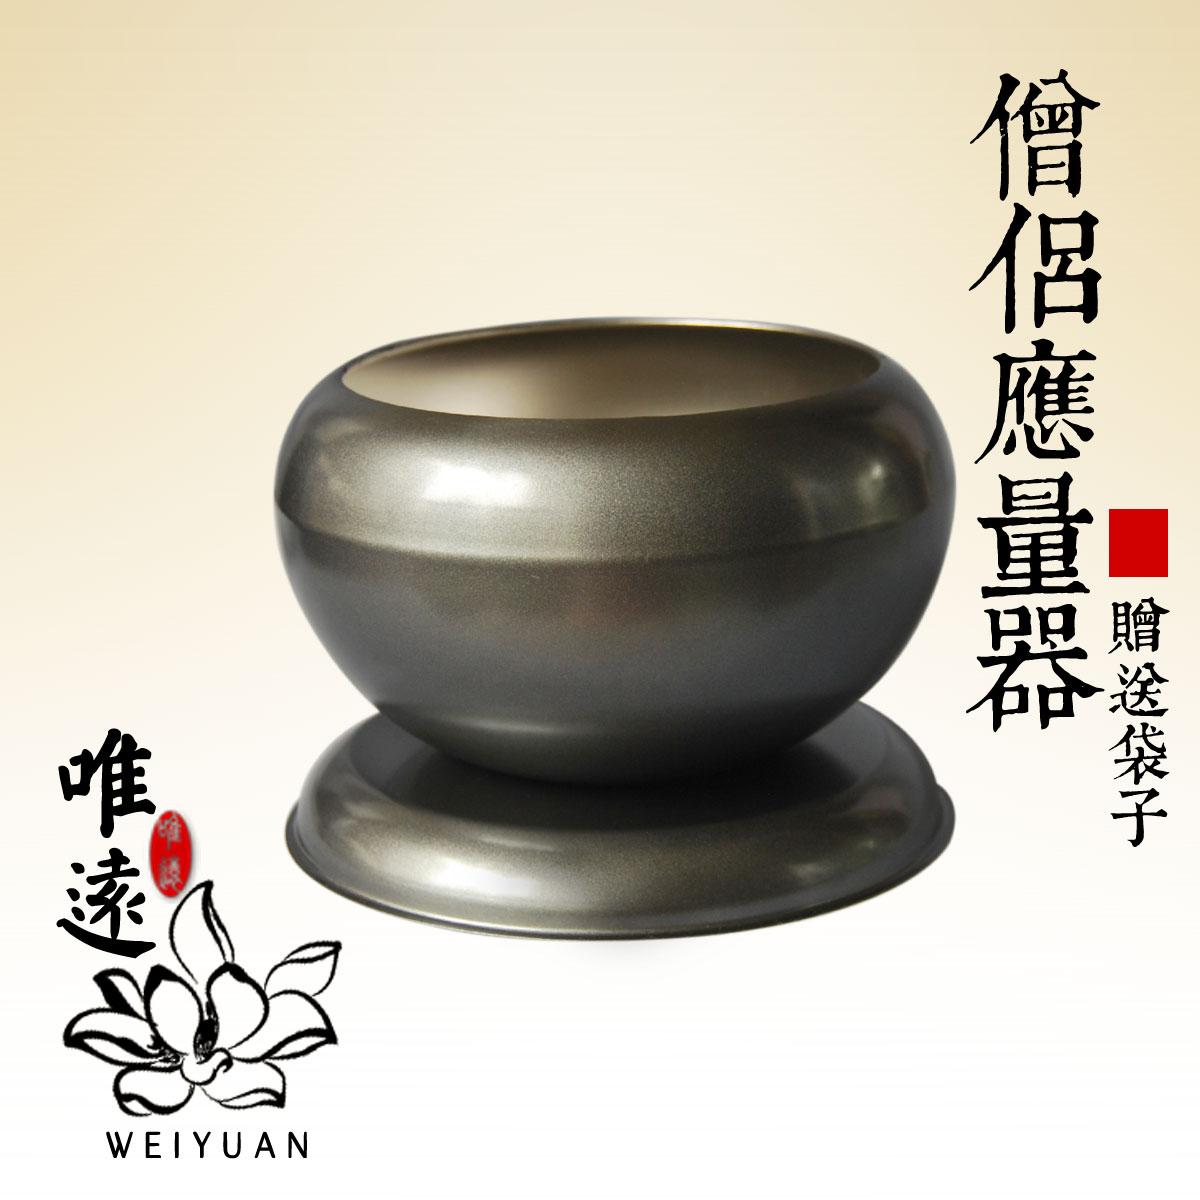 Чаша чашка будда инструмент должен количество устройство монах будда учить статьи хорошо ступня чаша уход чаша нержавеющей стали чаша монах человек посуда черный железа чаша